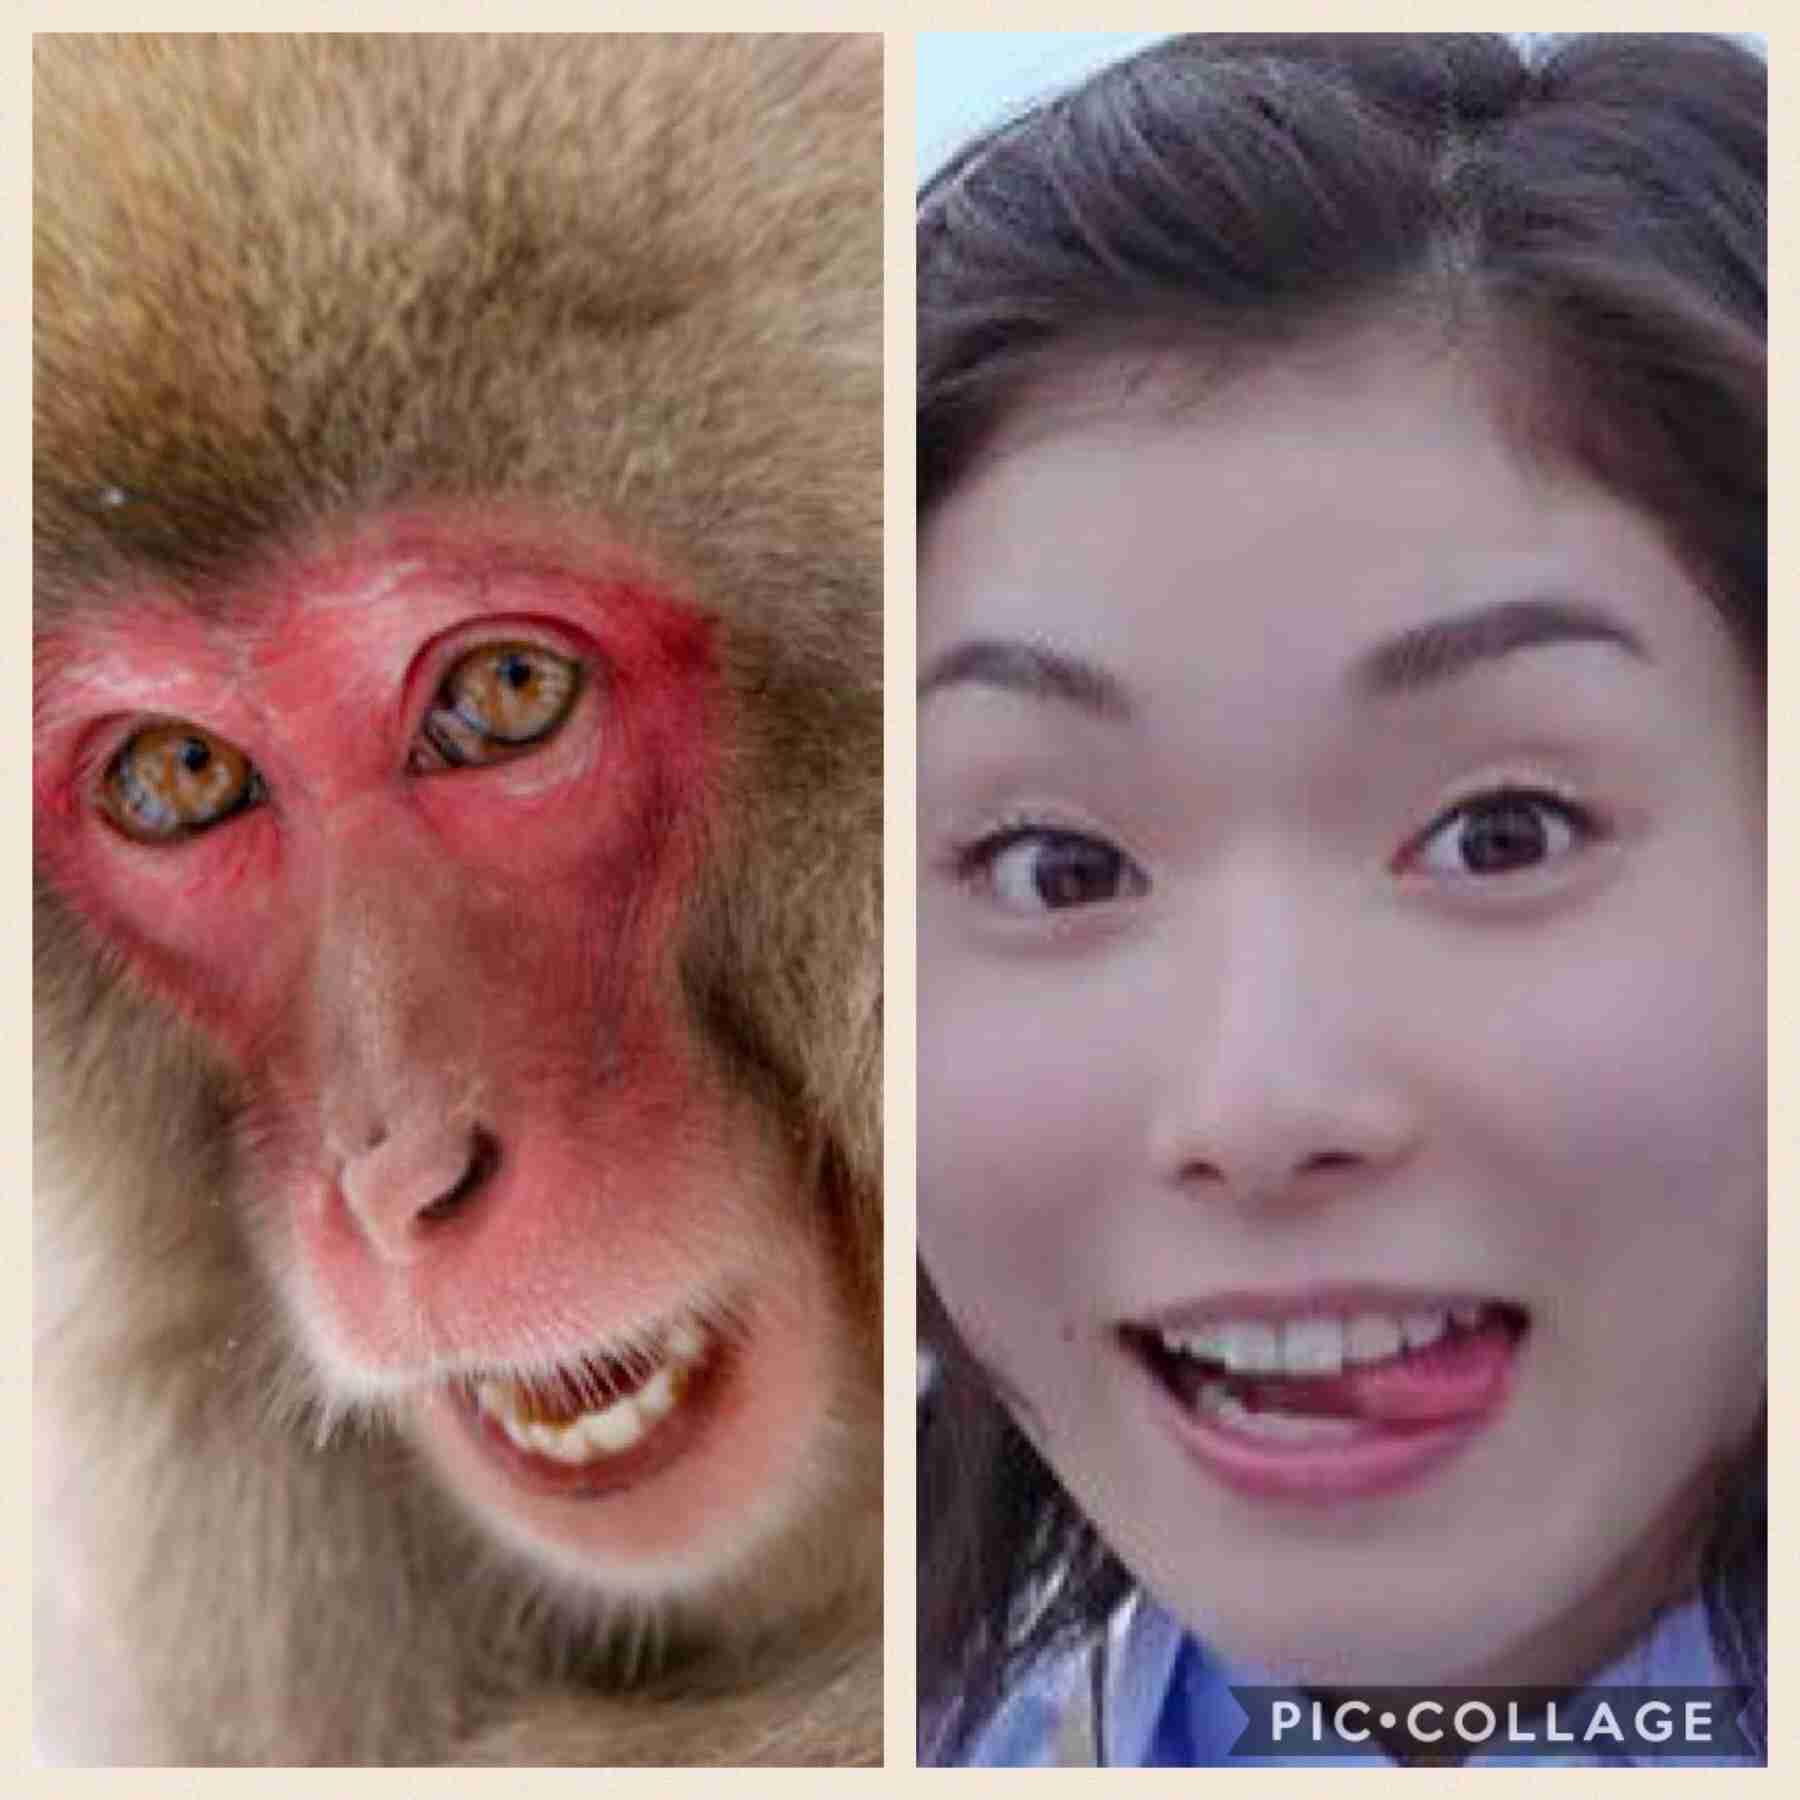 やっぱり似てる! 石田ひかり、松岡茉優との「激似ツーショット」披露